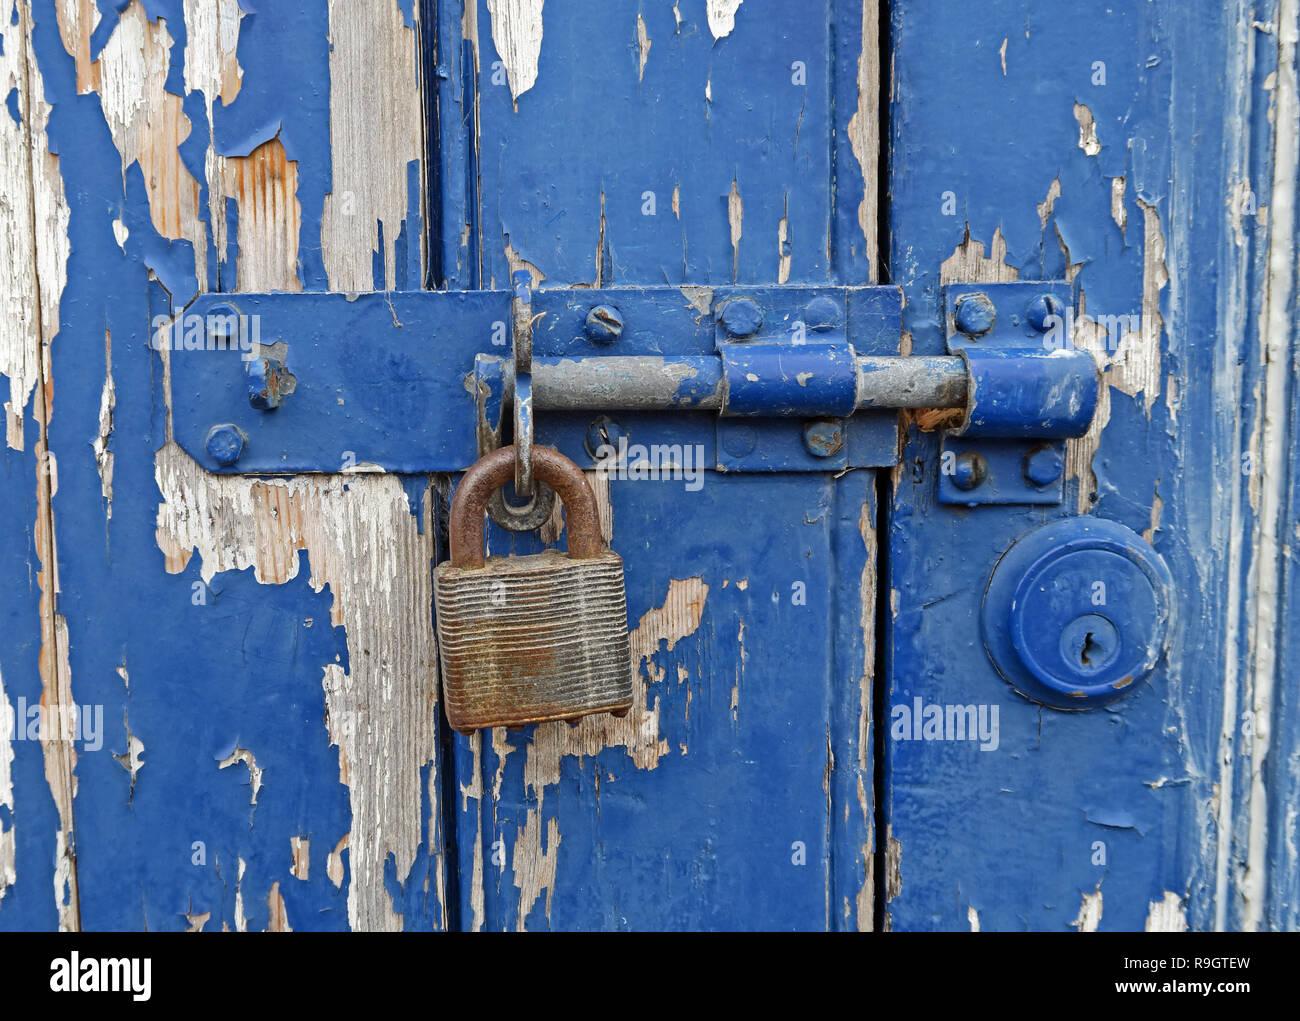 GoTonySmith,@HotpixUK,HotpixUK,Blue